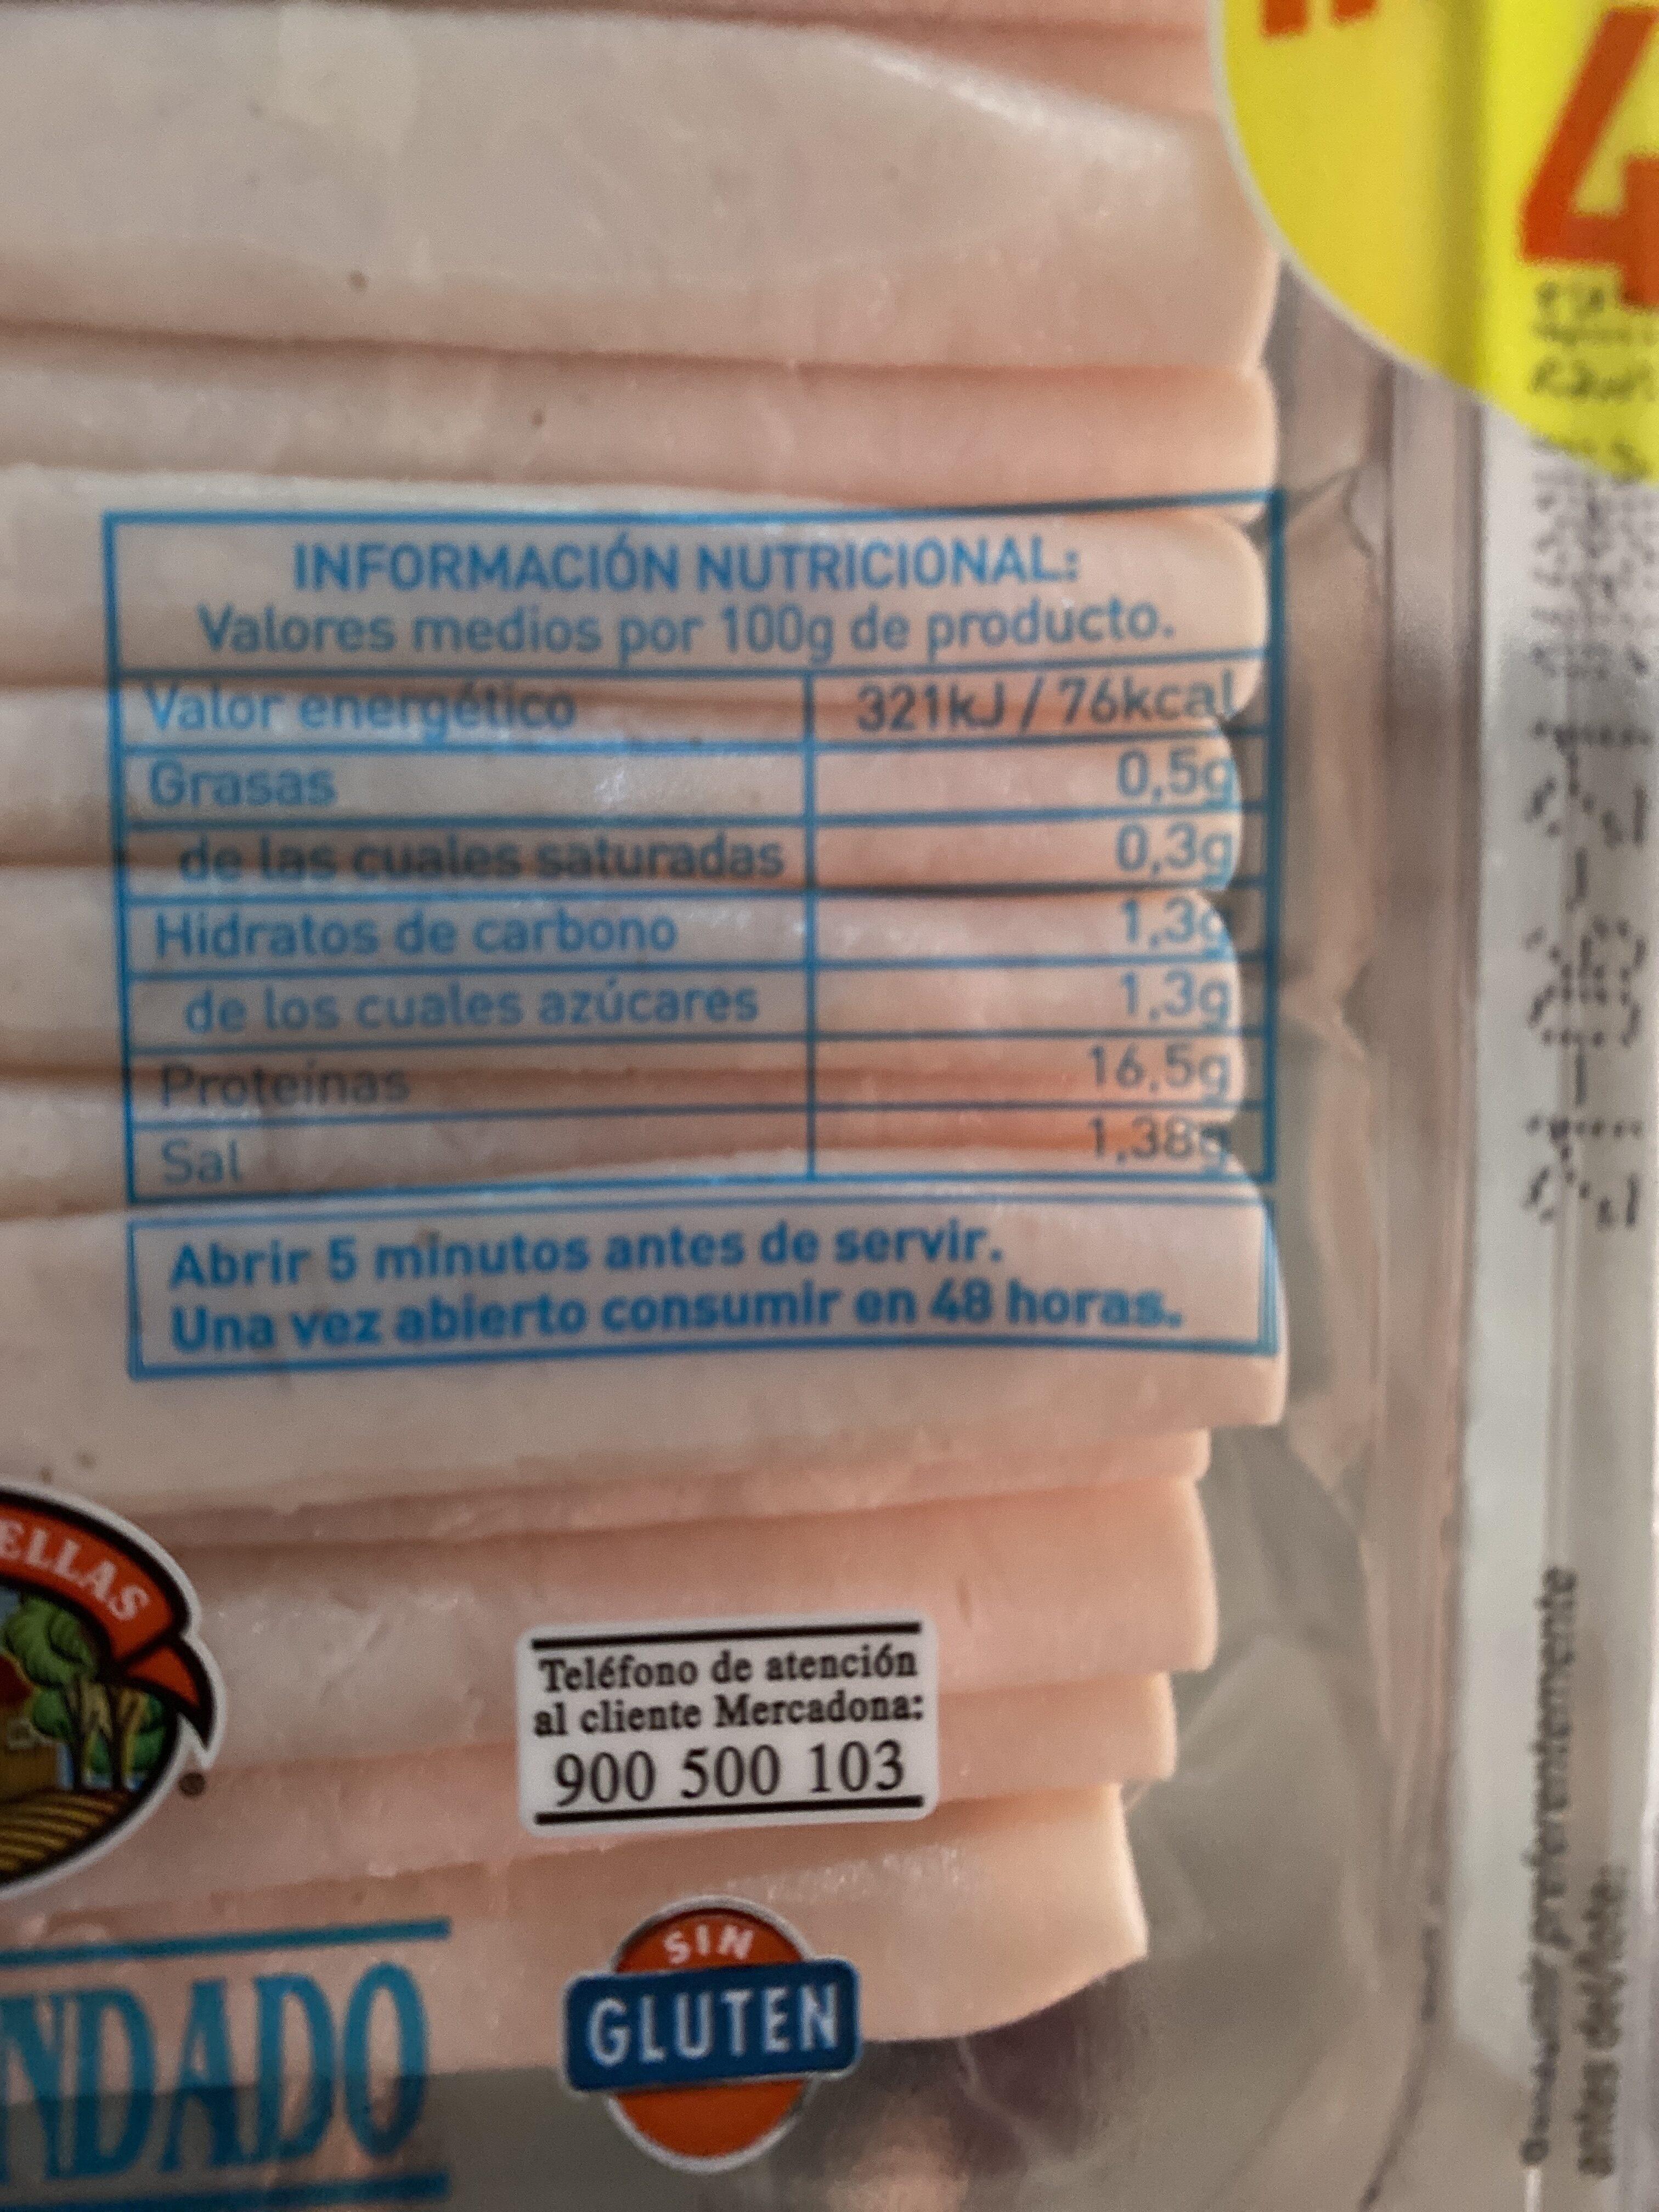 Pechuga pavo finas lonchas reducido de sal - Nutrition facts - en